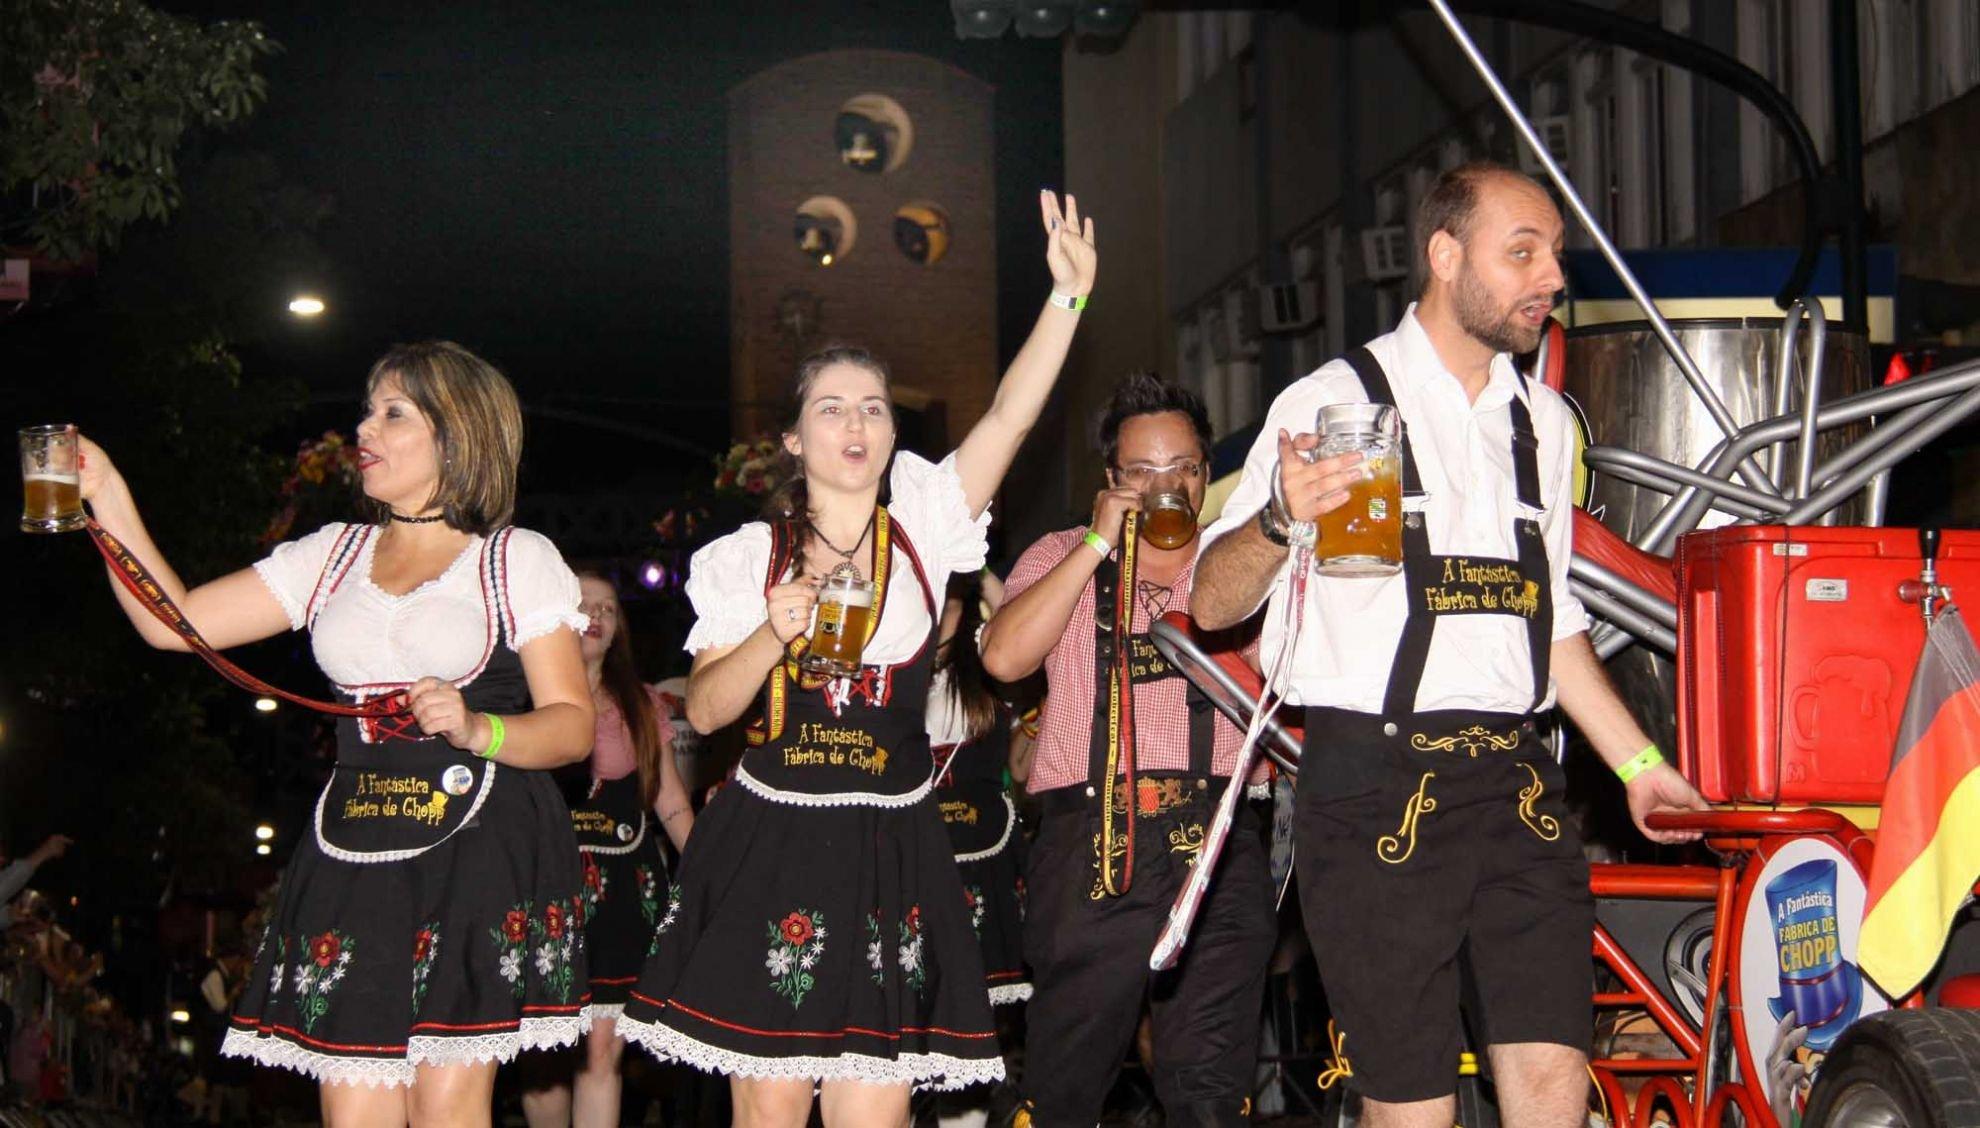 Oktoberfest em Munique: maior festival de cerveja do mundo